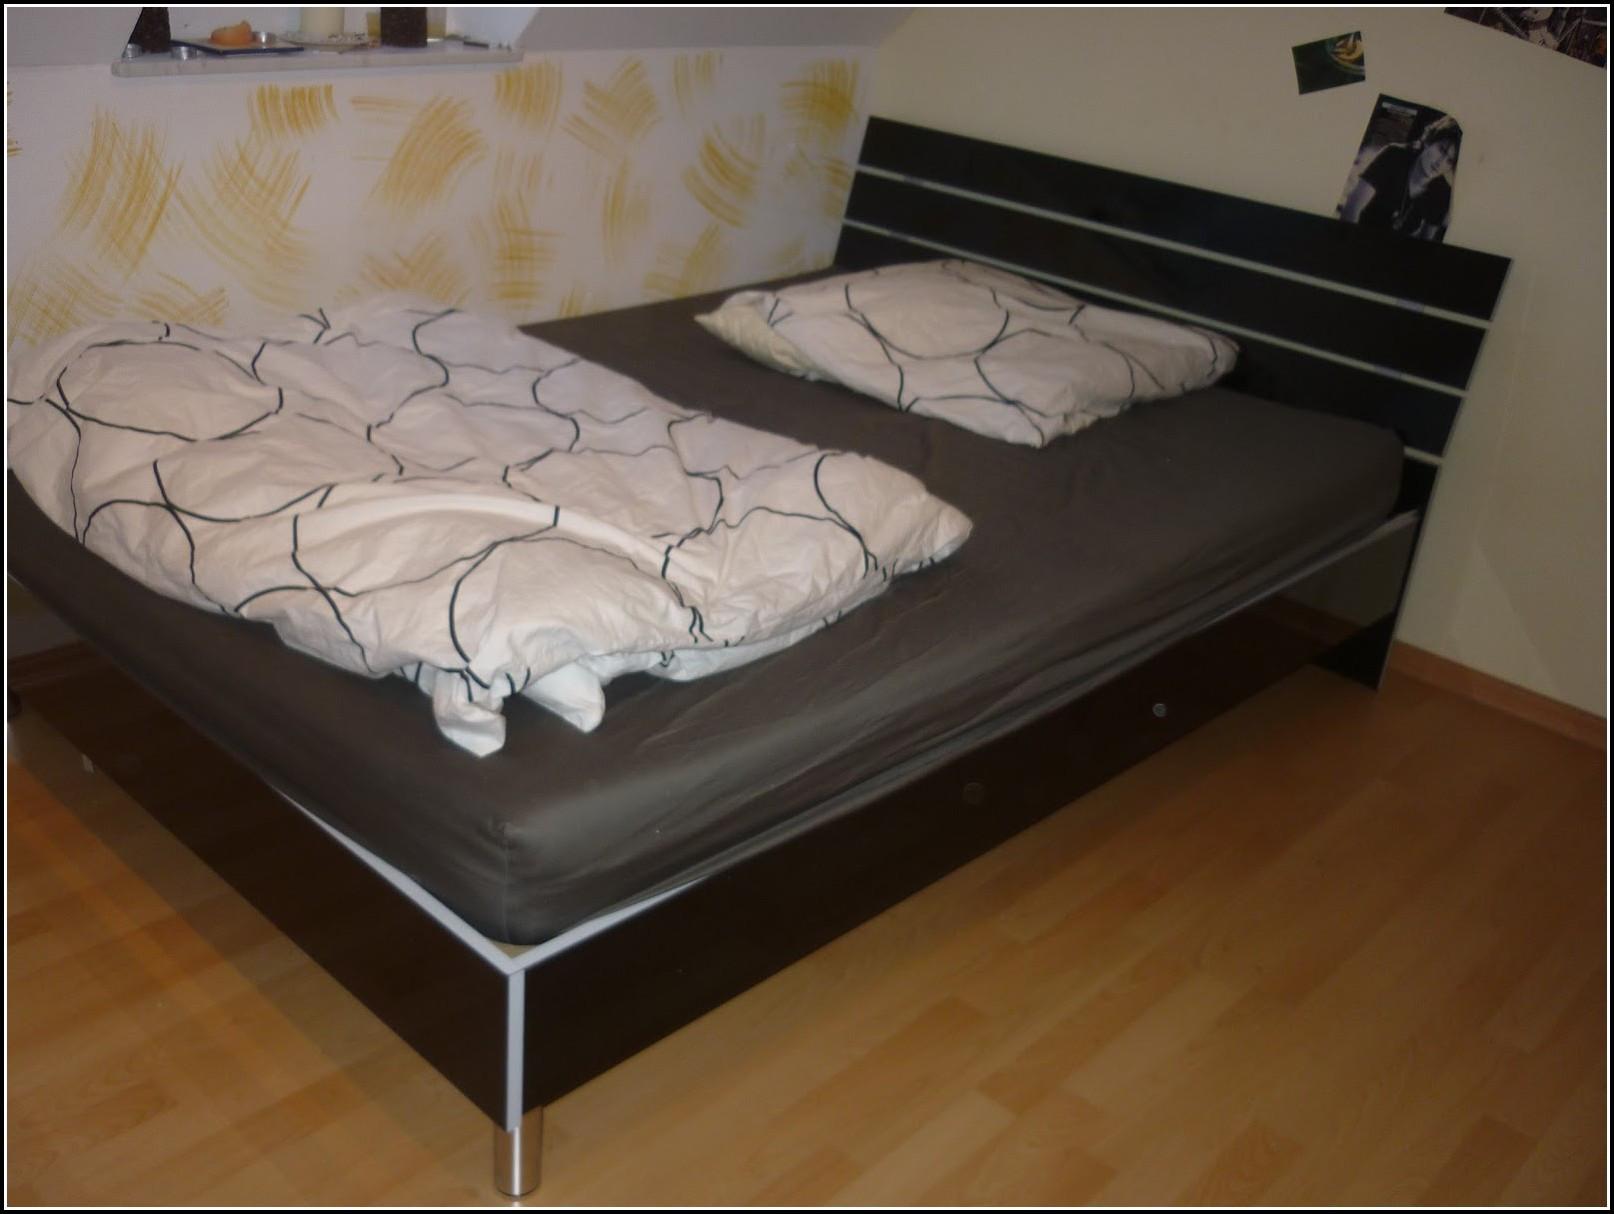 Full Size of Ikea Bett 140x200 Grau Hemnes Wei Metall Download Page Beste Hause Vr Wildeiche Betten Für übergewichtige Aus Paletten Kaufen Ausgefallene Küche Dormiente Wohnzimmer Ikea Bett 140x200 Grau